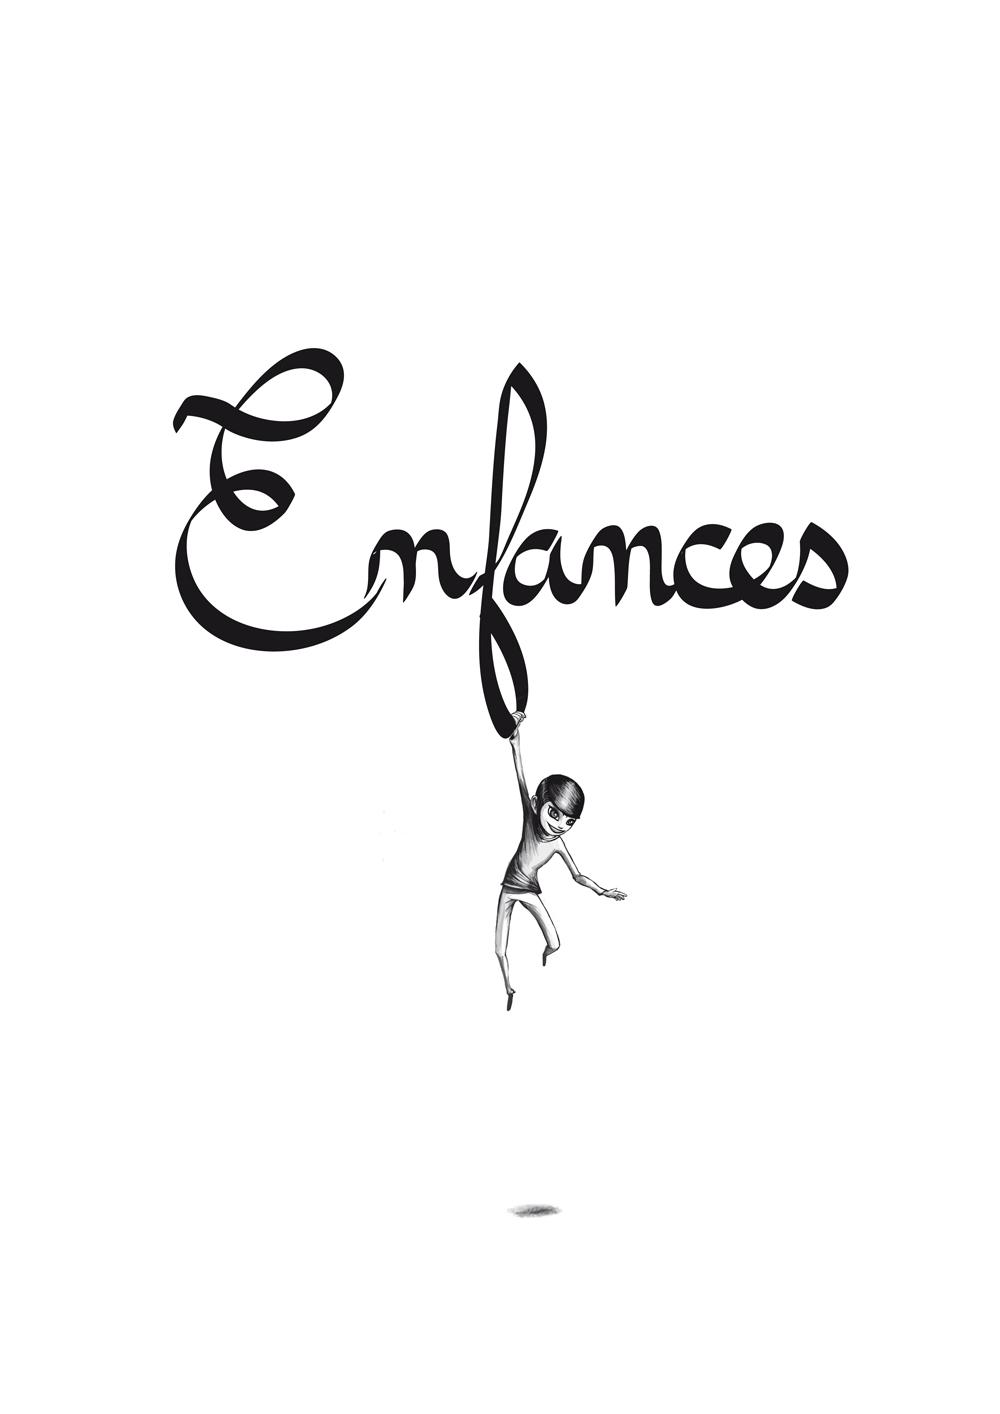 Enfance illustration get bold design Gaël Barnabé ©